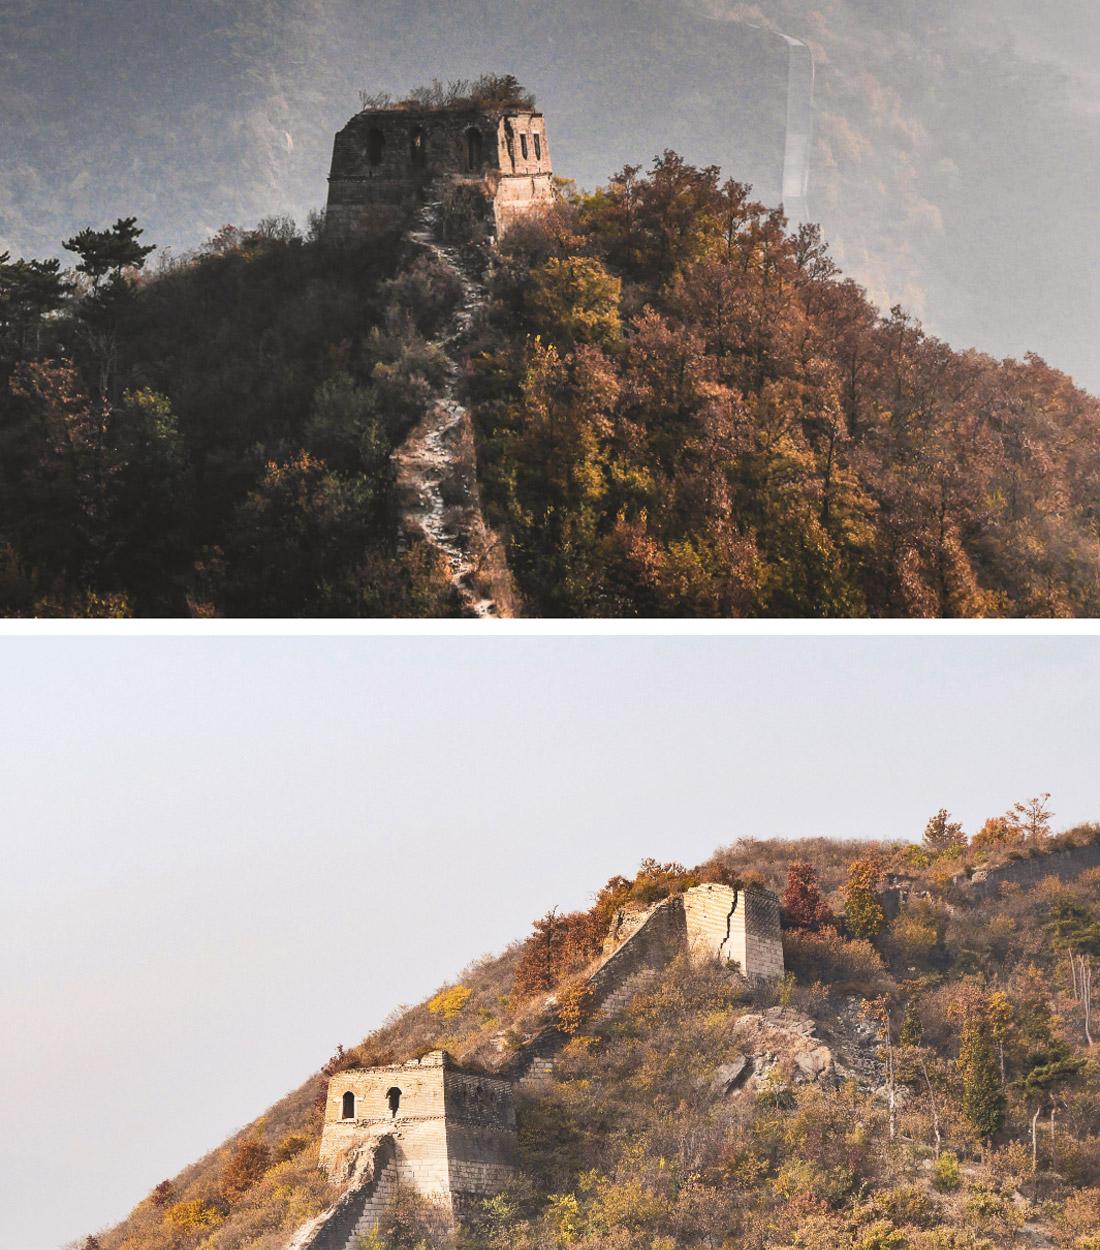 Magnifique paysages sur la grande muraille originelle